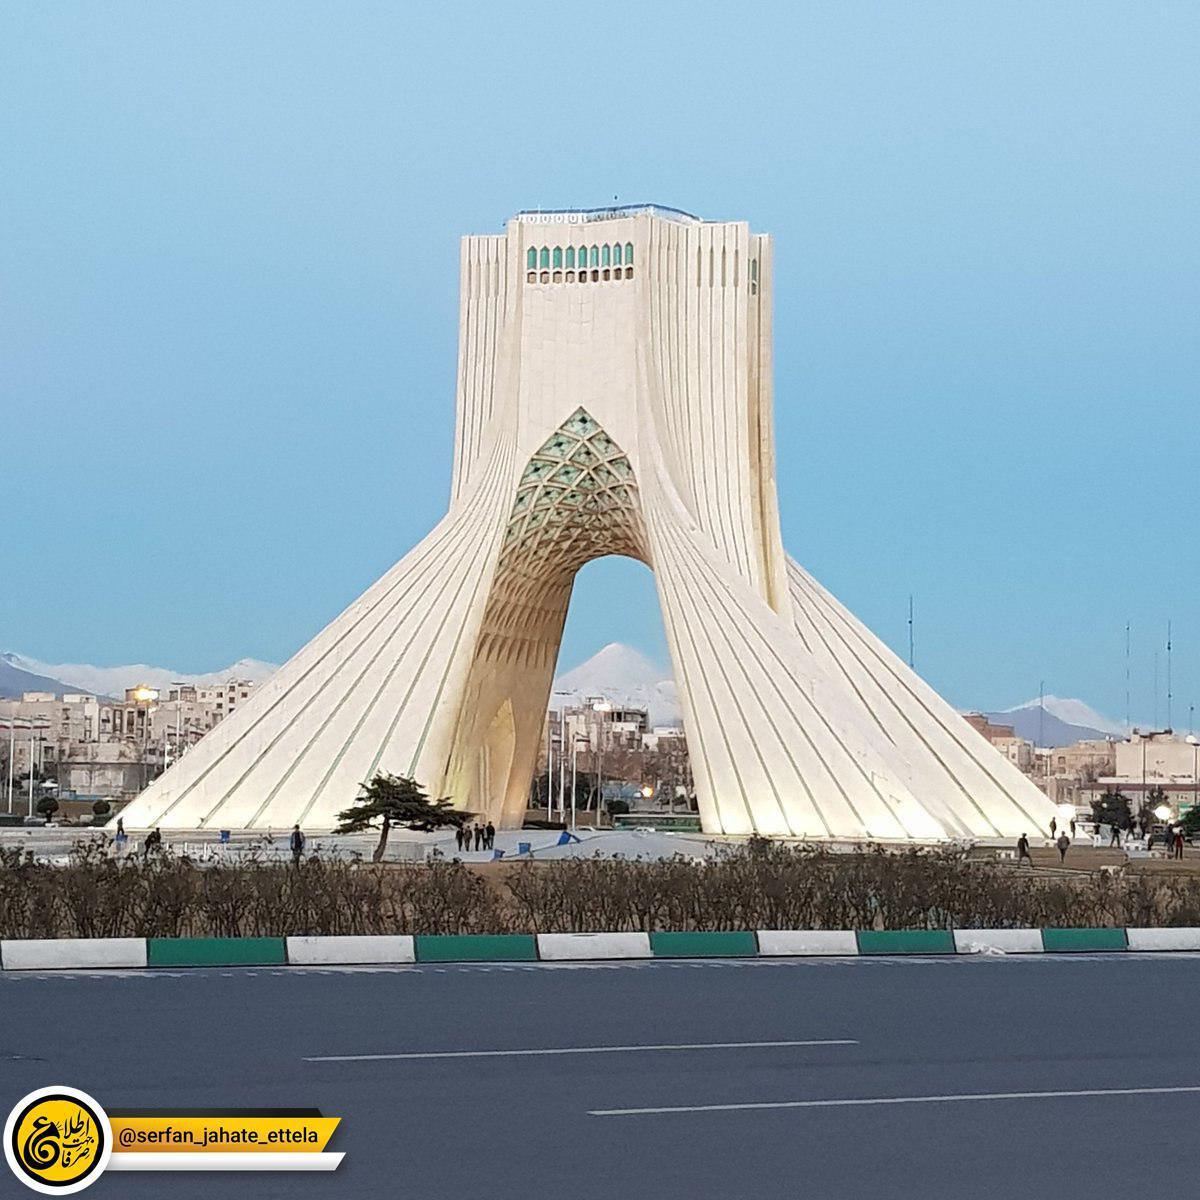 هوای متفاوت امروز تهران: دماوند از میدان آزادی پیدا بود